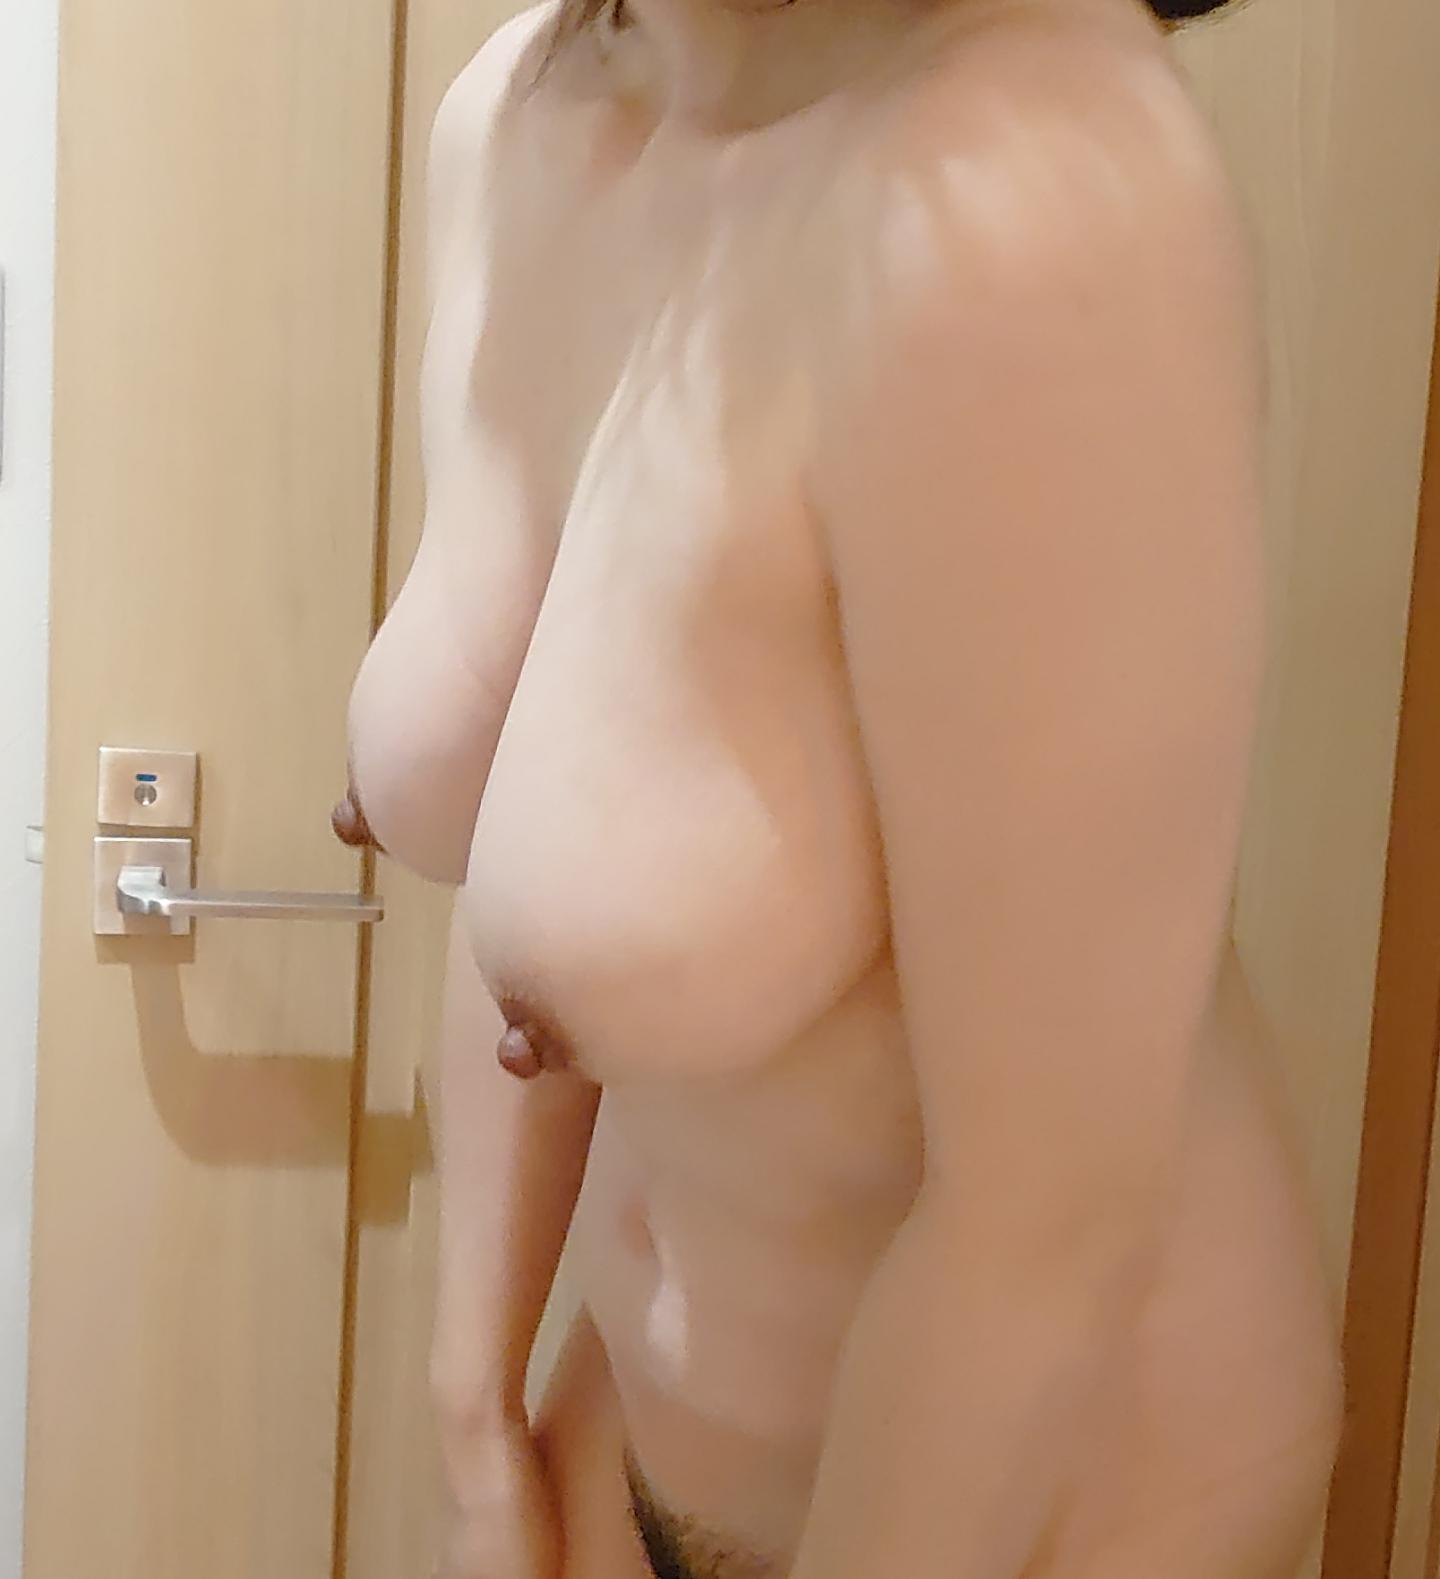 乳首デカめの36歳セフレBBAのおっぱい画像撮ったから晒してくwwwwwwwwwwwwwwwww IpluAgb